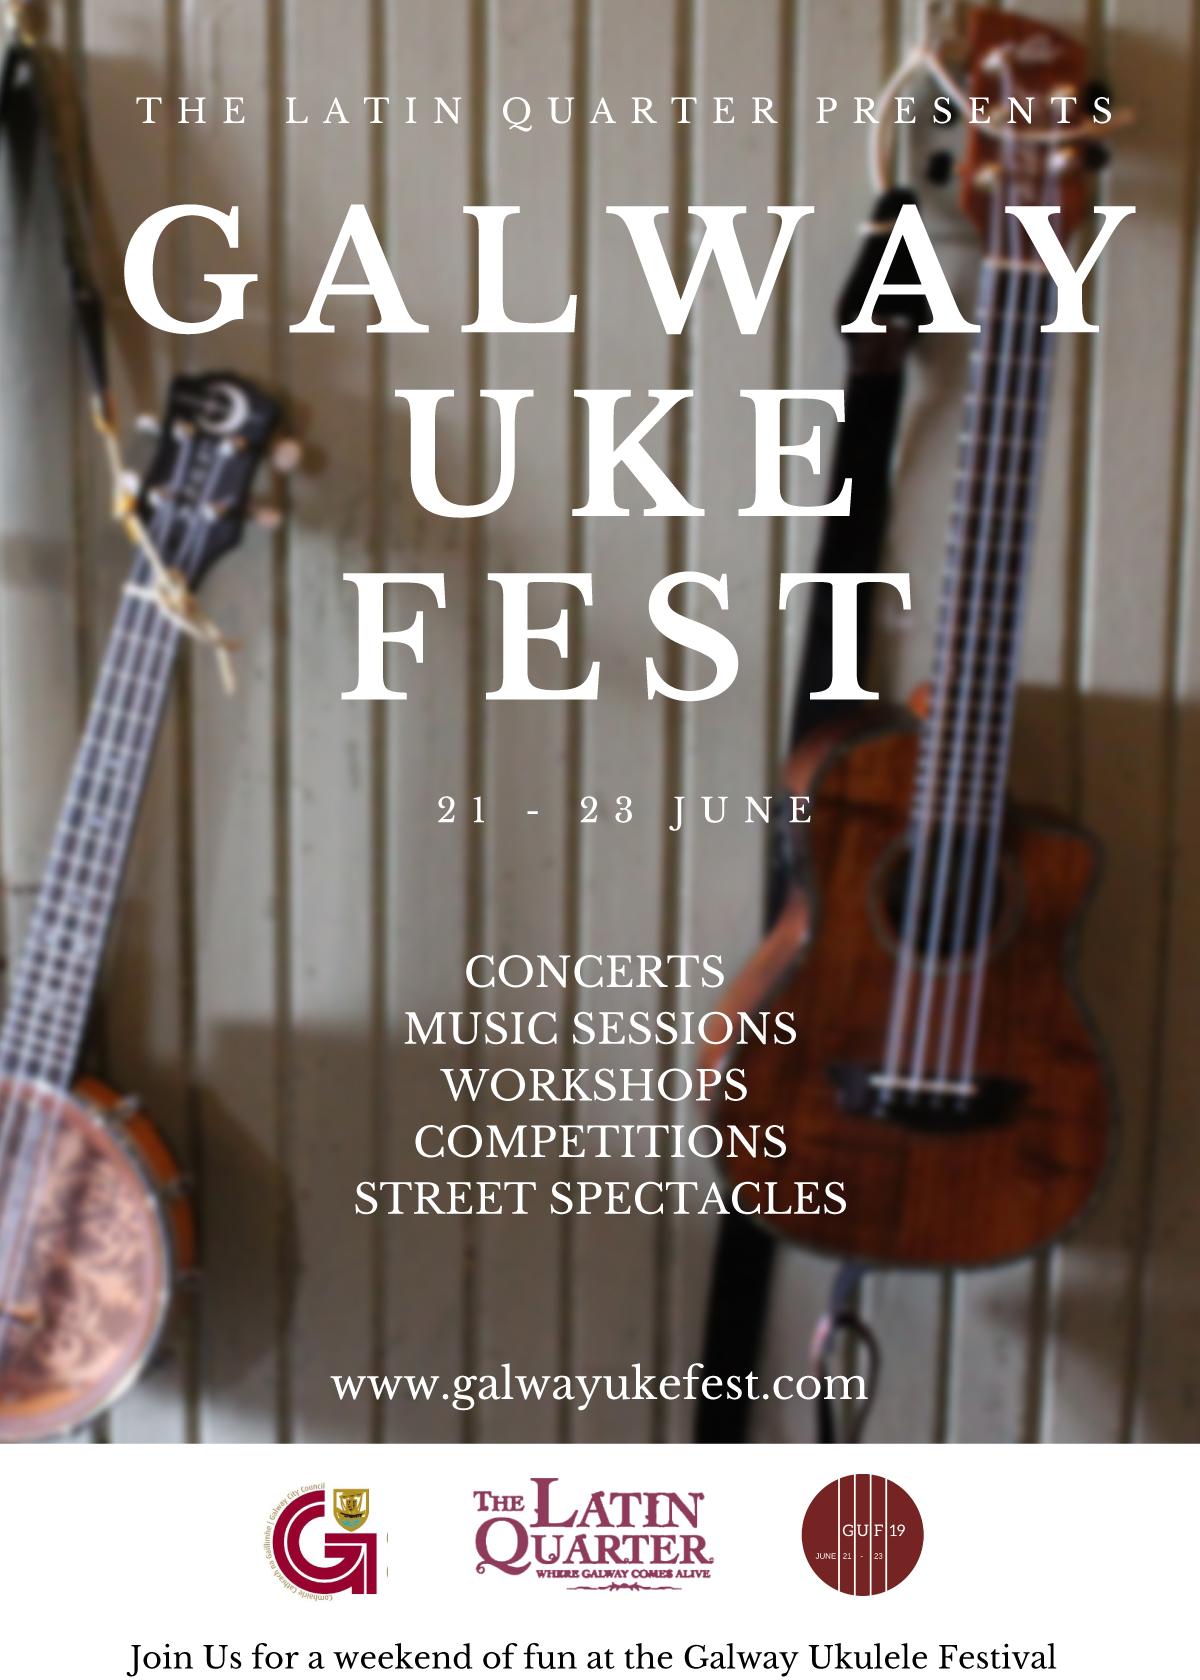 Galway Ukulele Festival